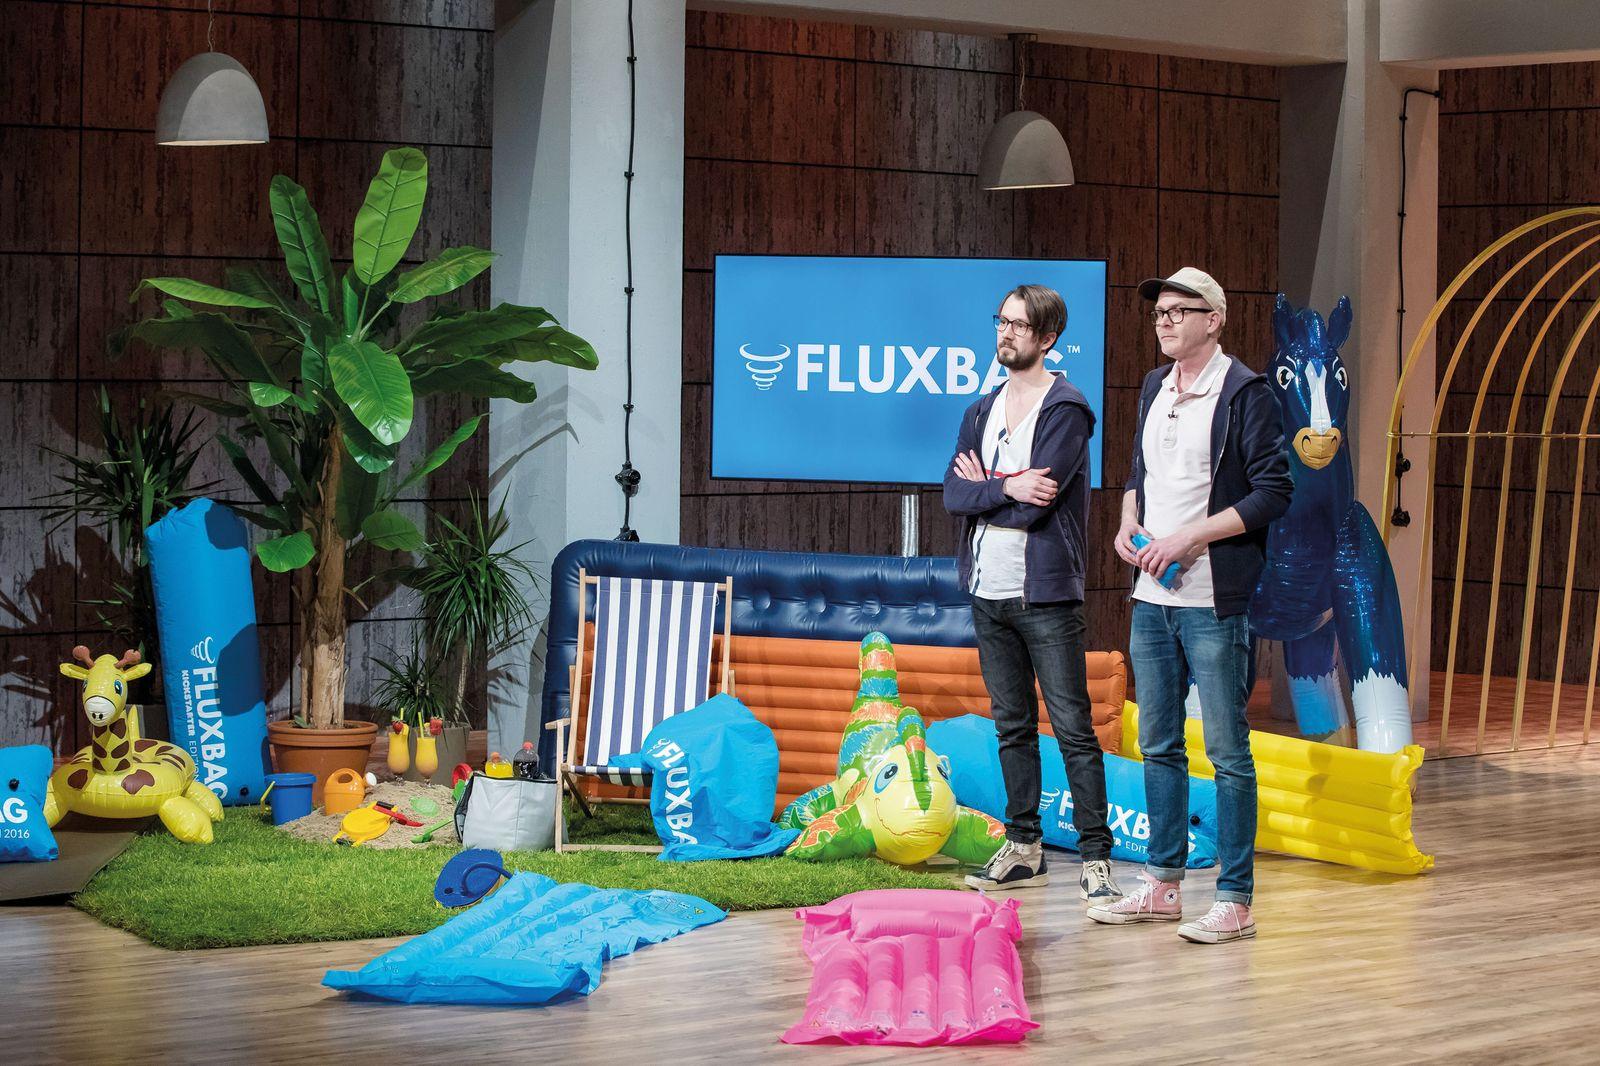 FluxBag / Jens Thiel / Lucas Richter